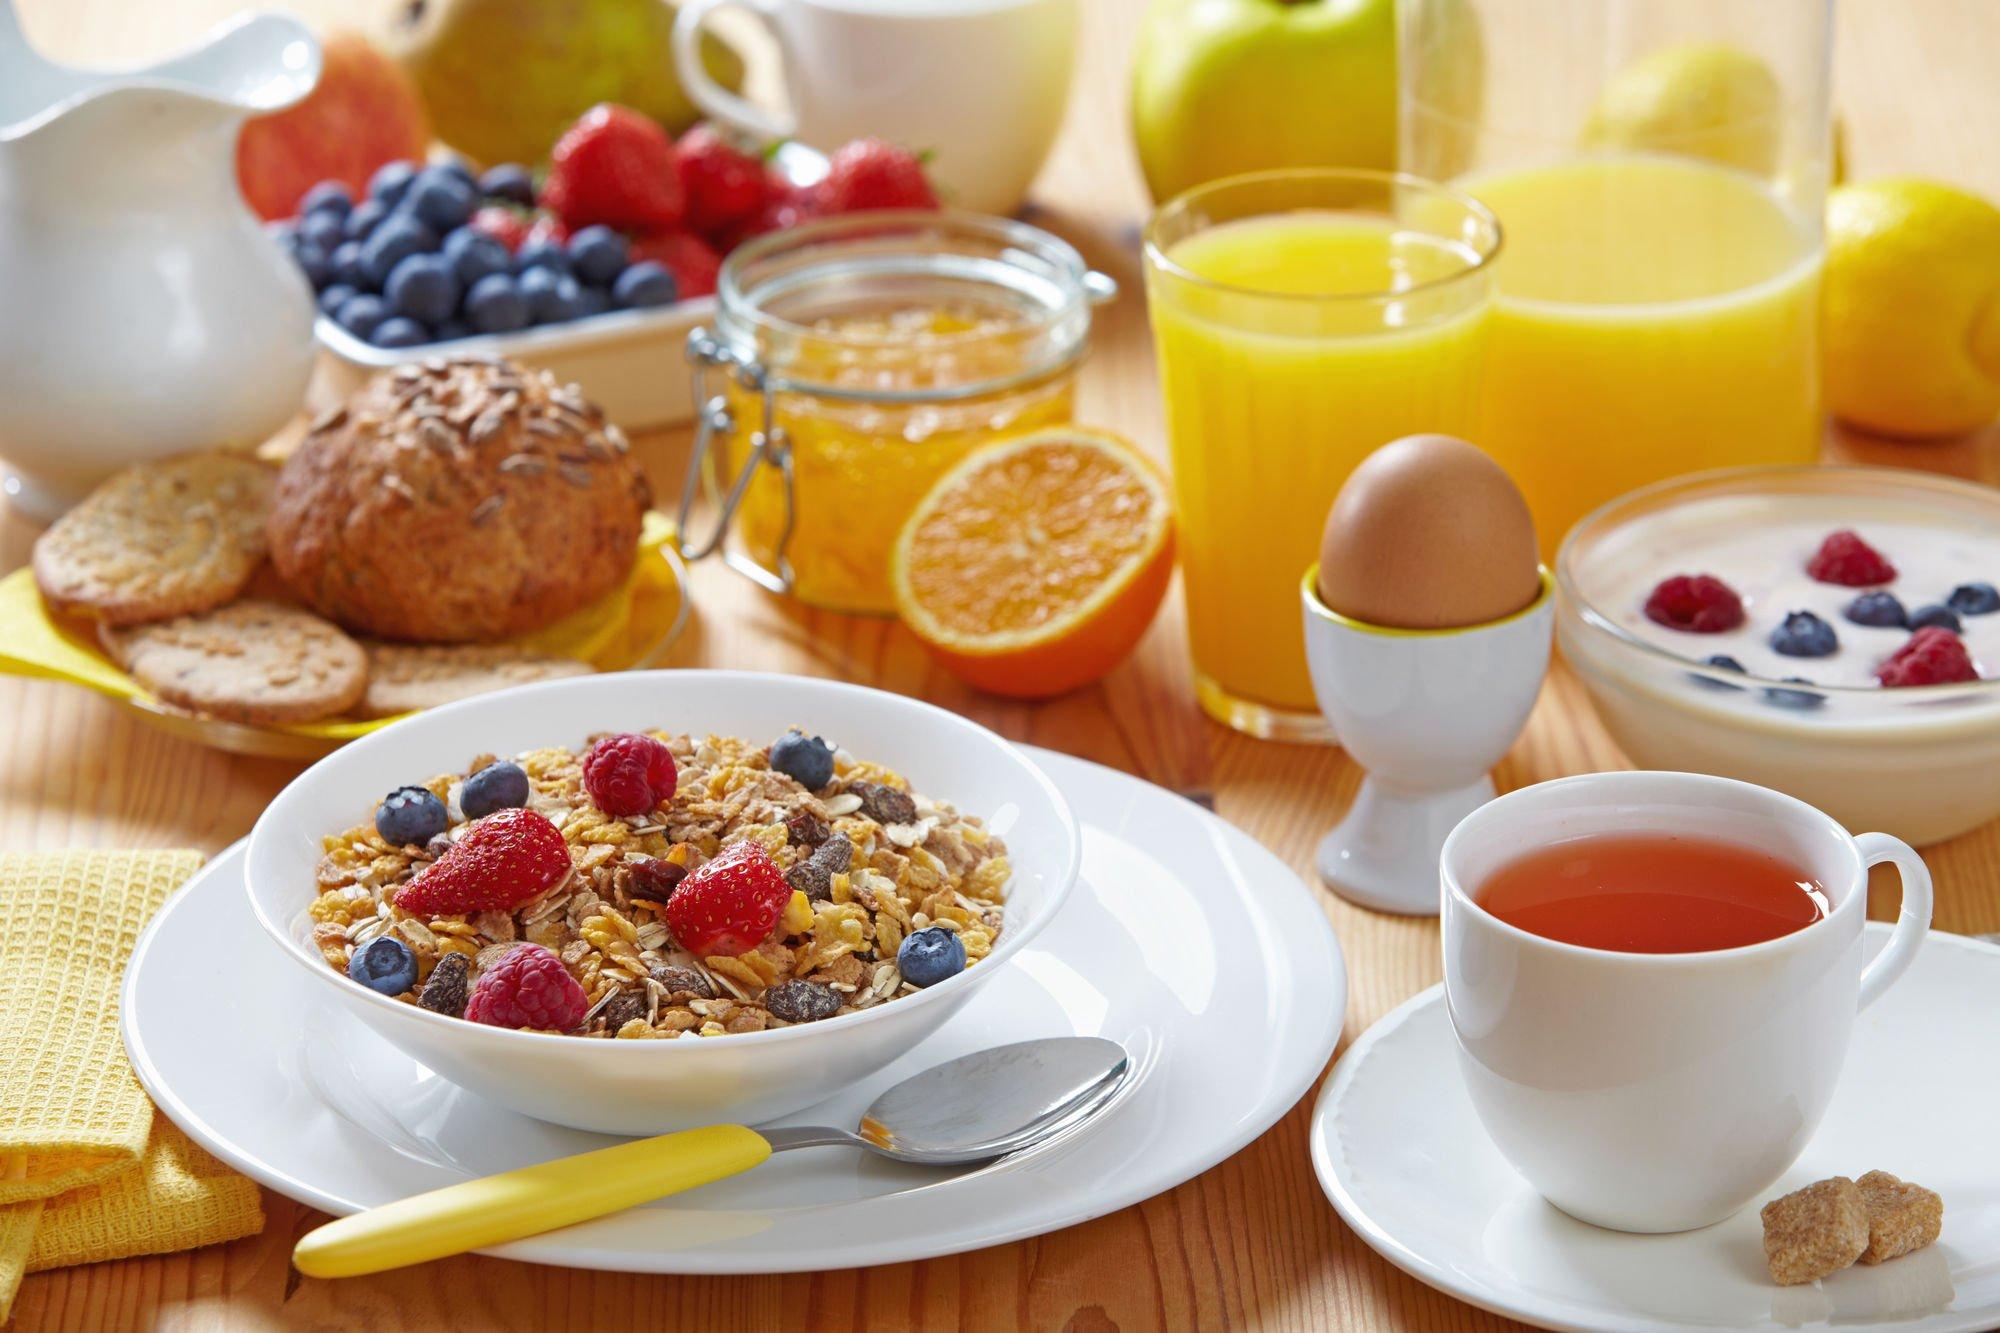 colazione in gravidanza